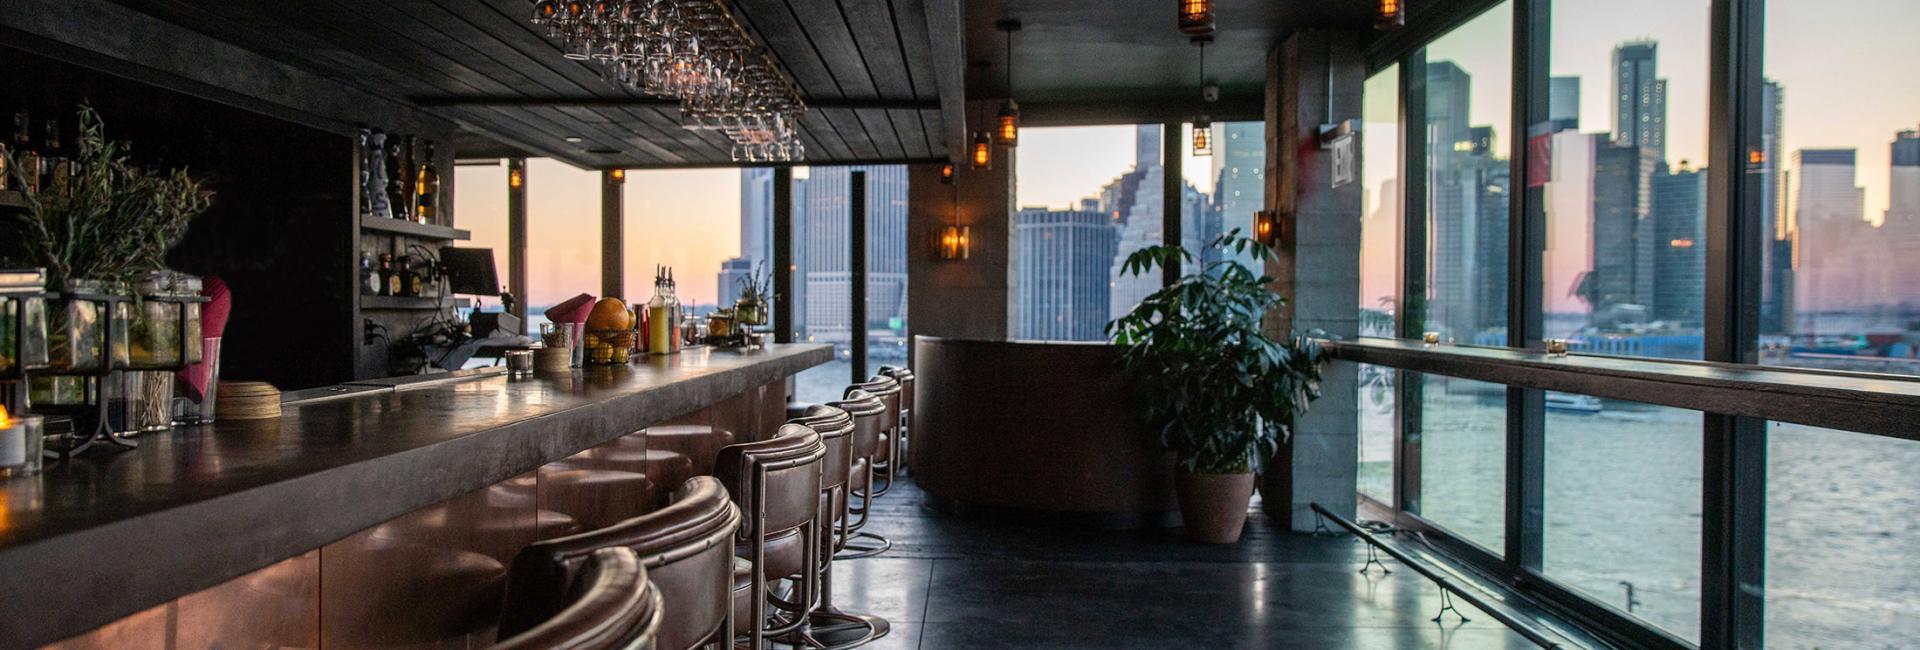 bar looking over brooklyn